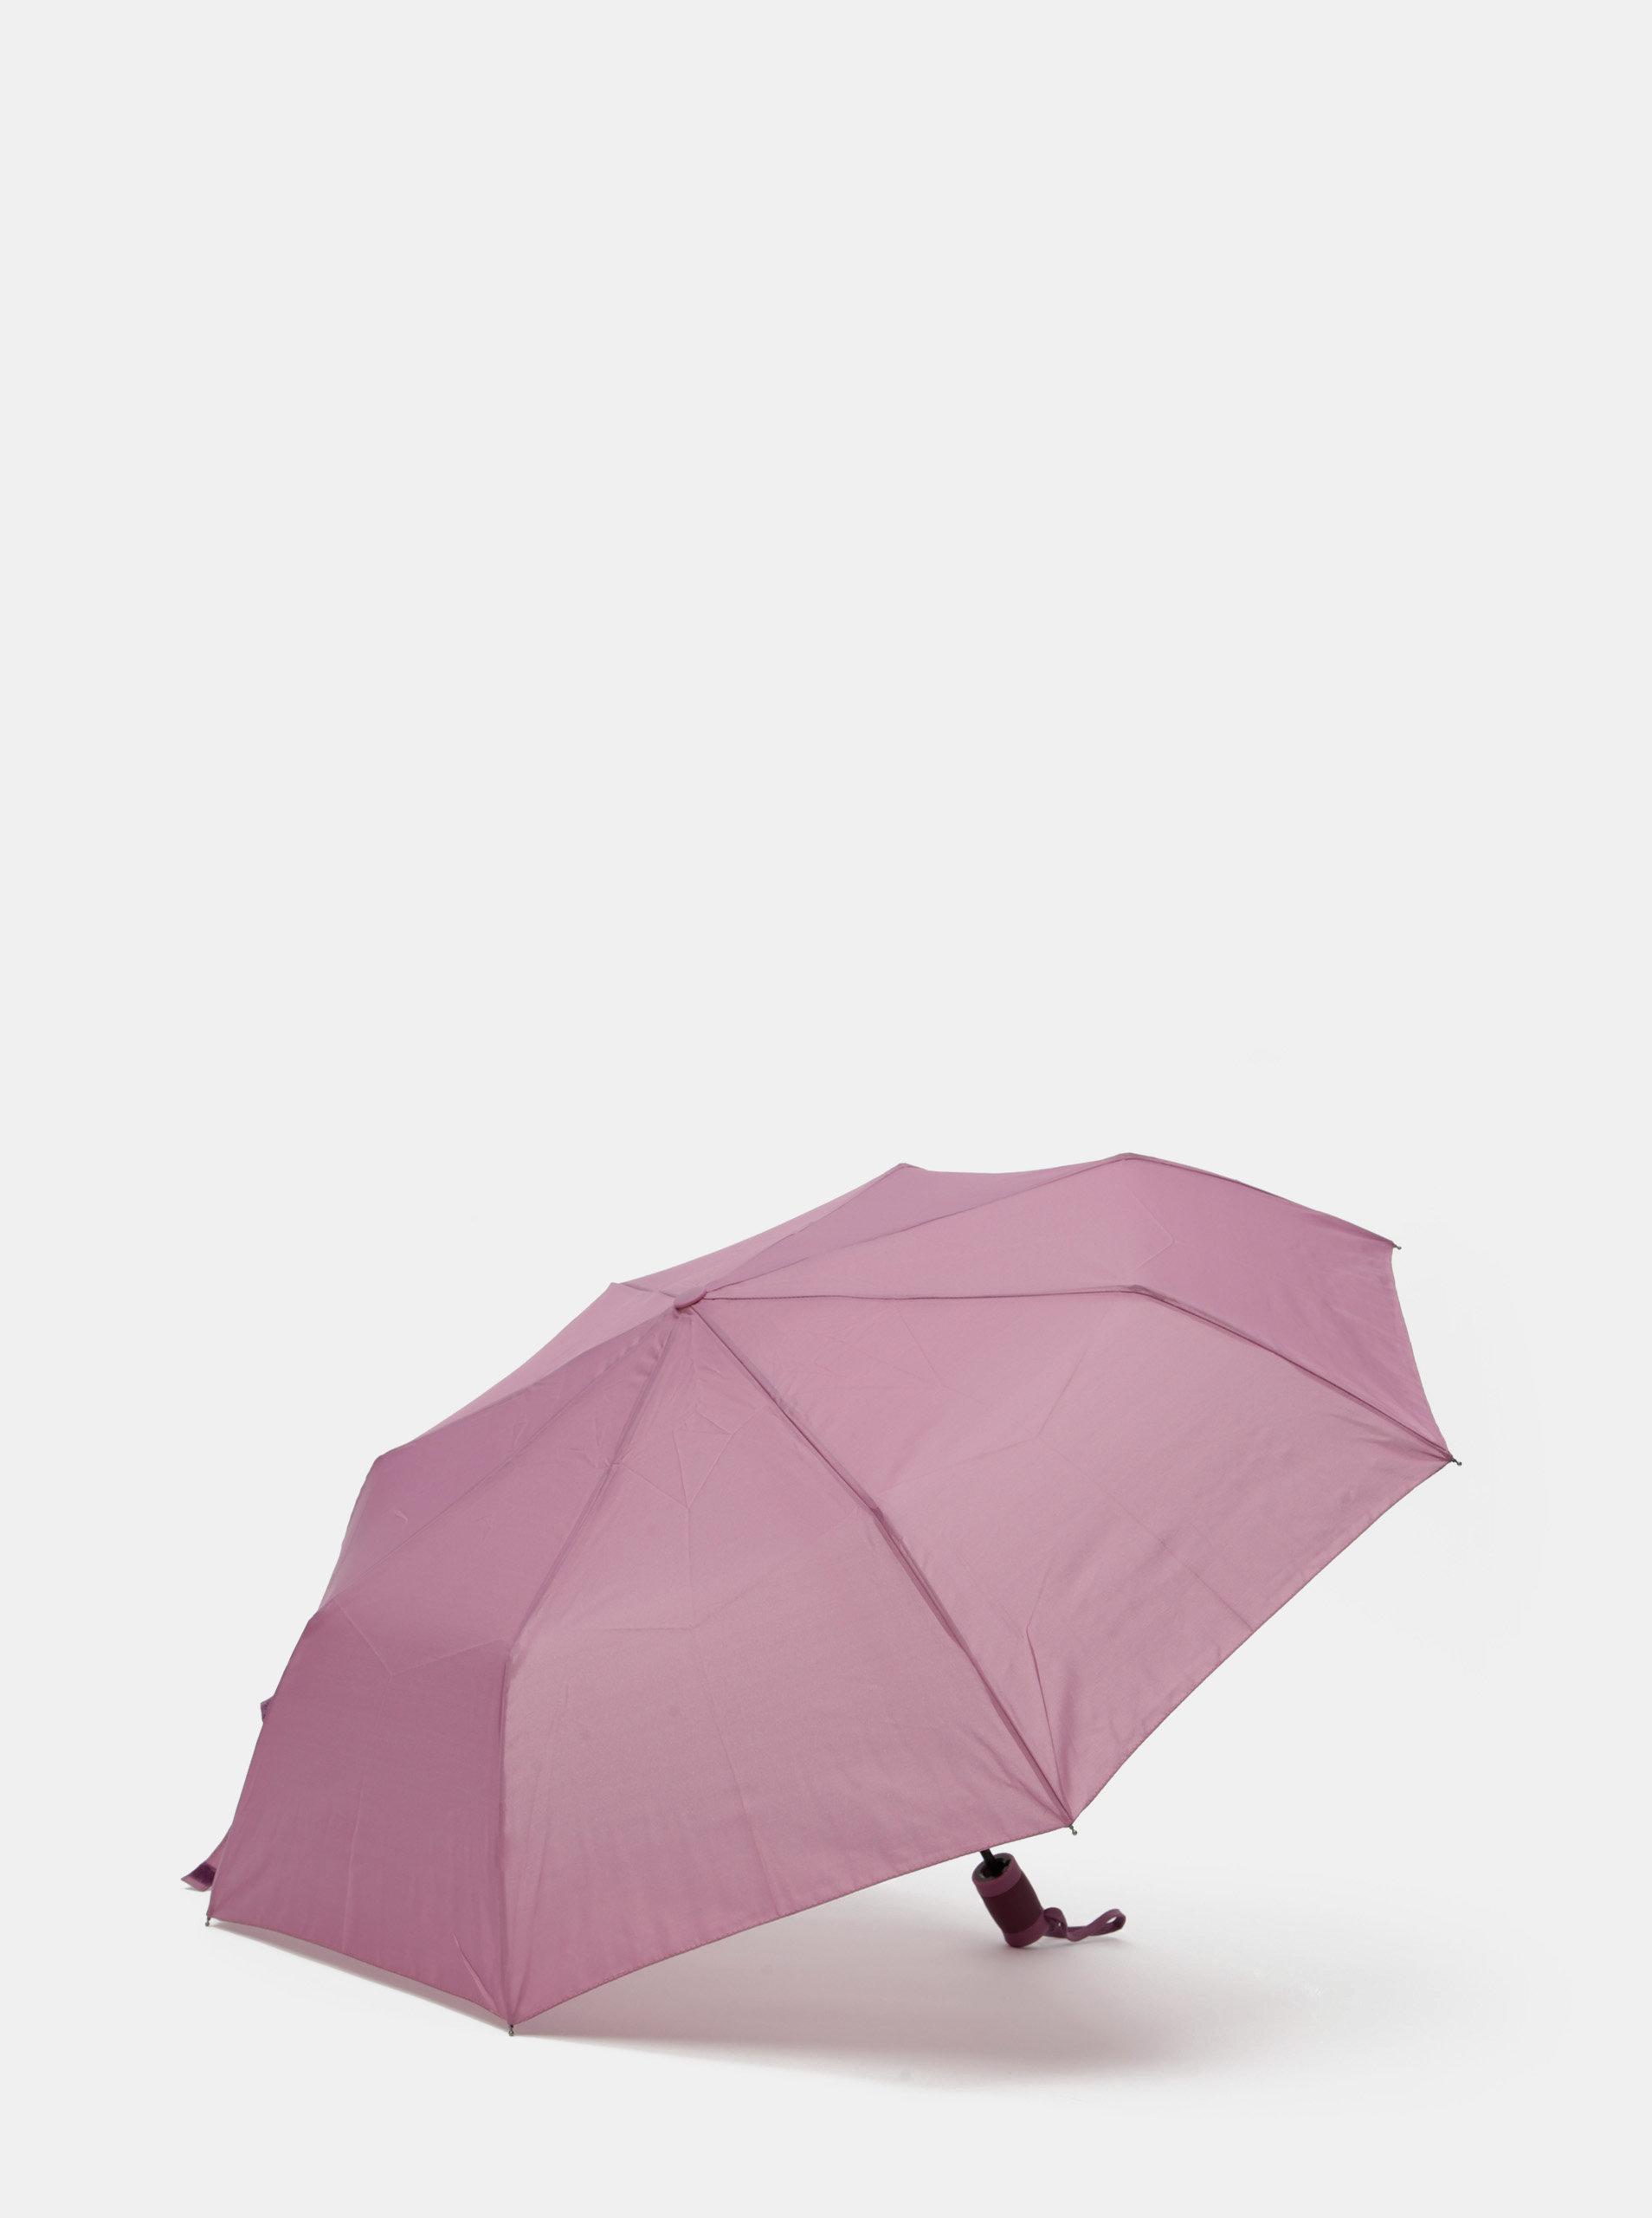 Fialový vystřelovací deštník Rainy Seasons